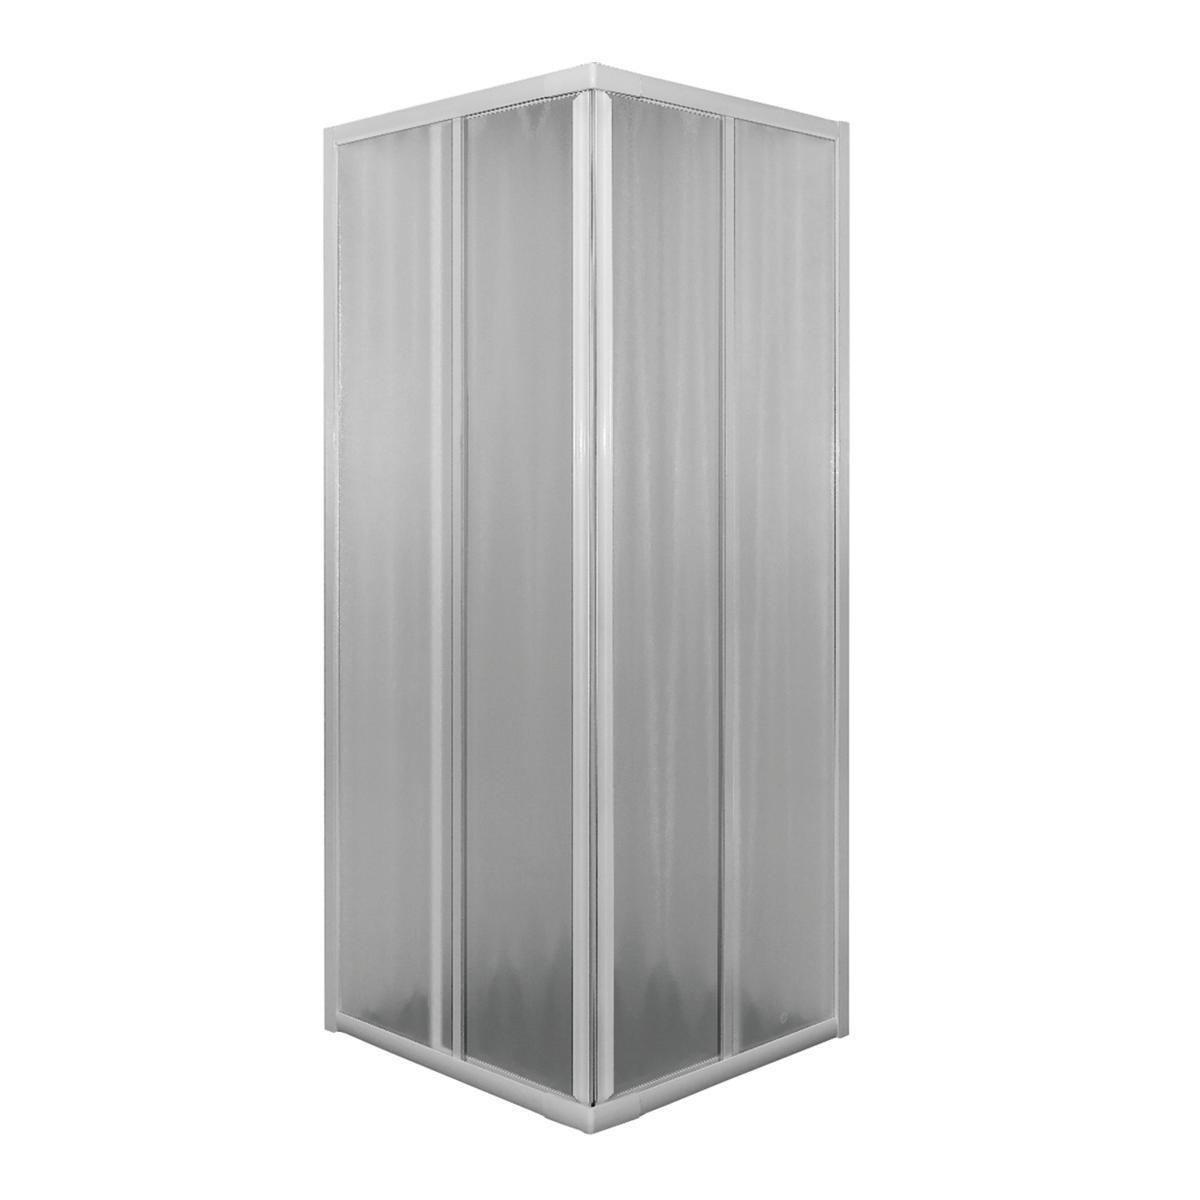 Box doccia rettangolare scorrevole Plumin 70 x 80 cm, H 185 cm in vetro temprato, spessore 3 mm acrilico piumato bianco - 2